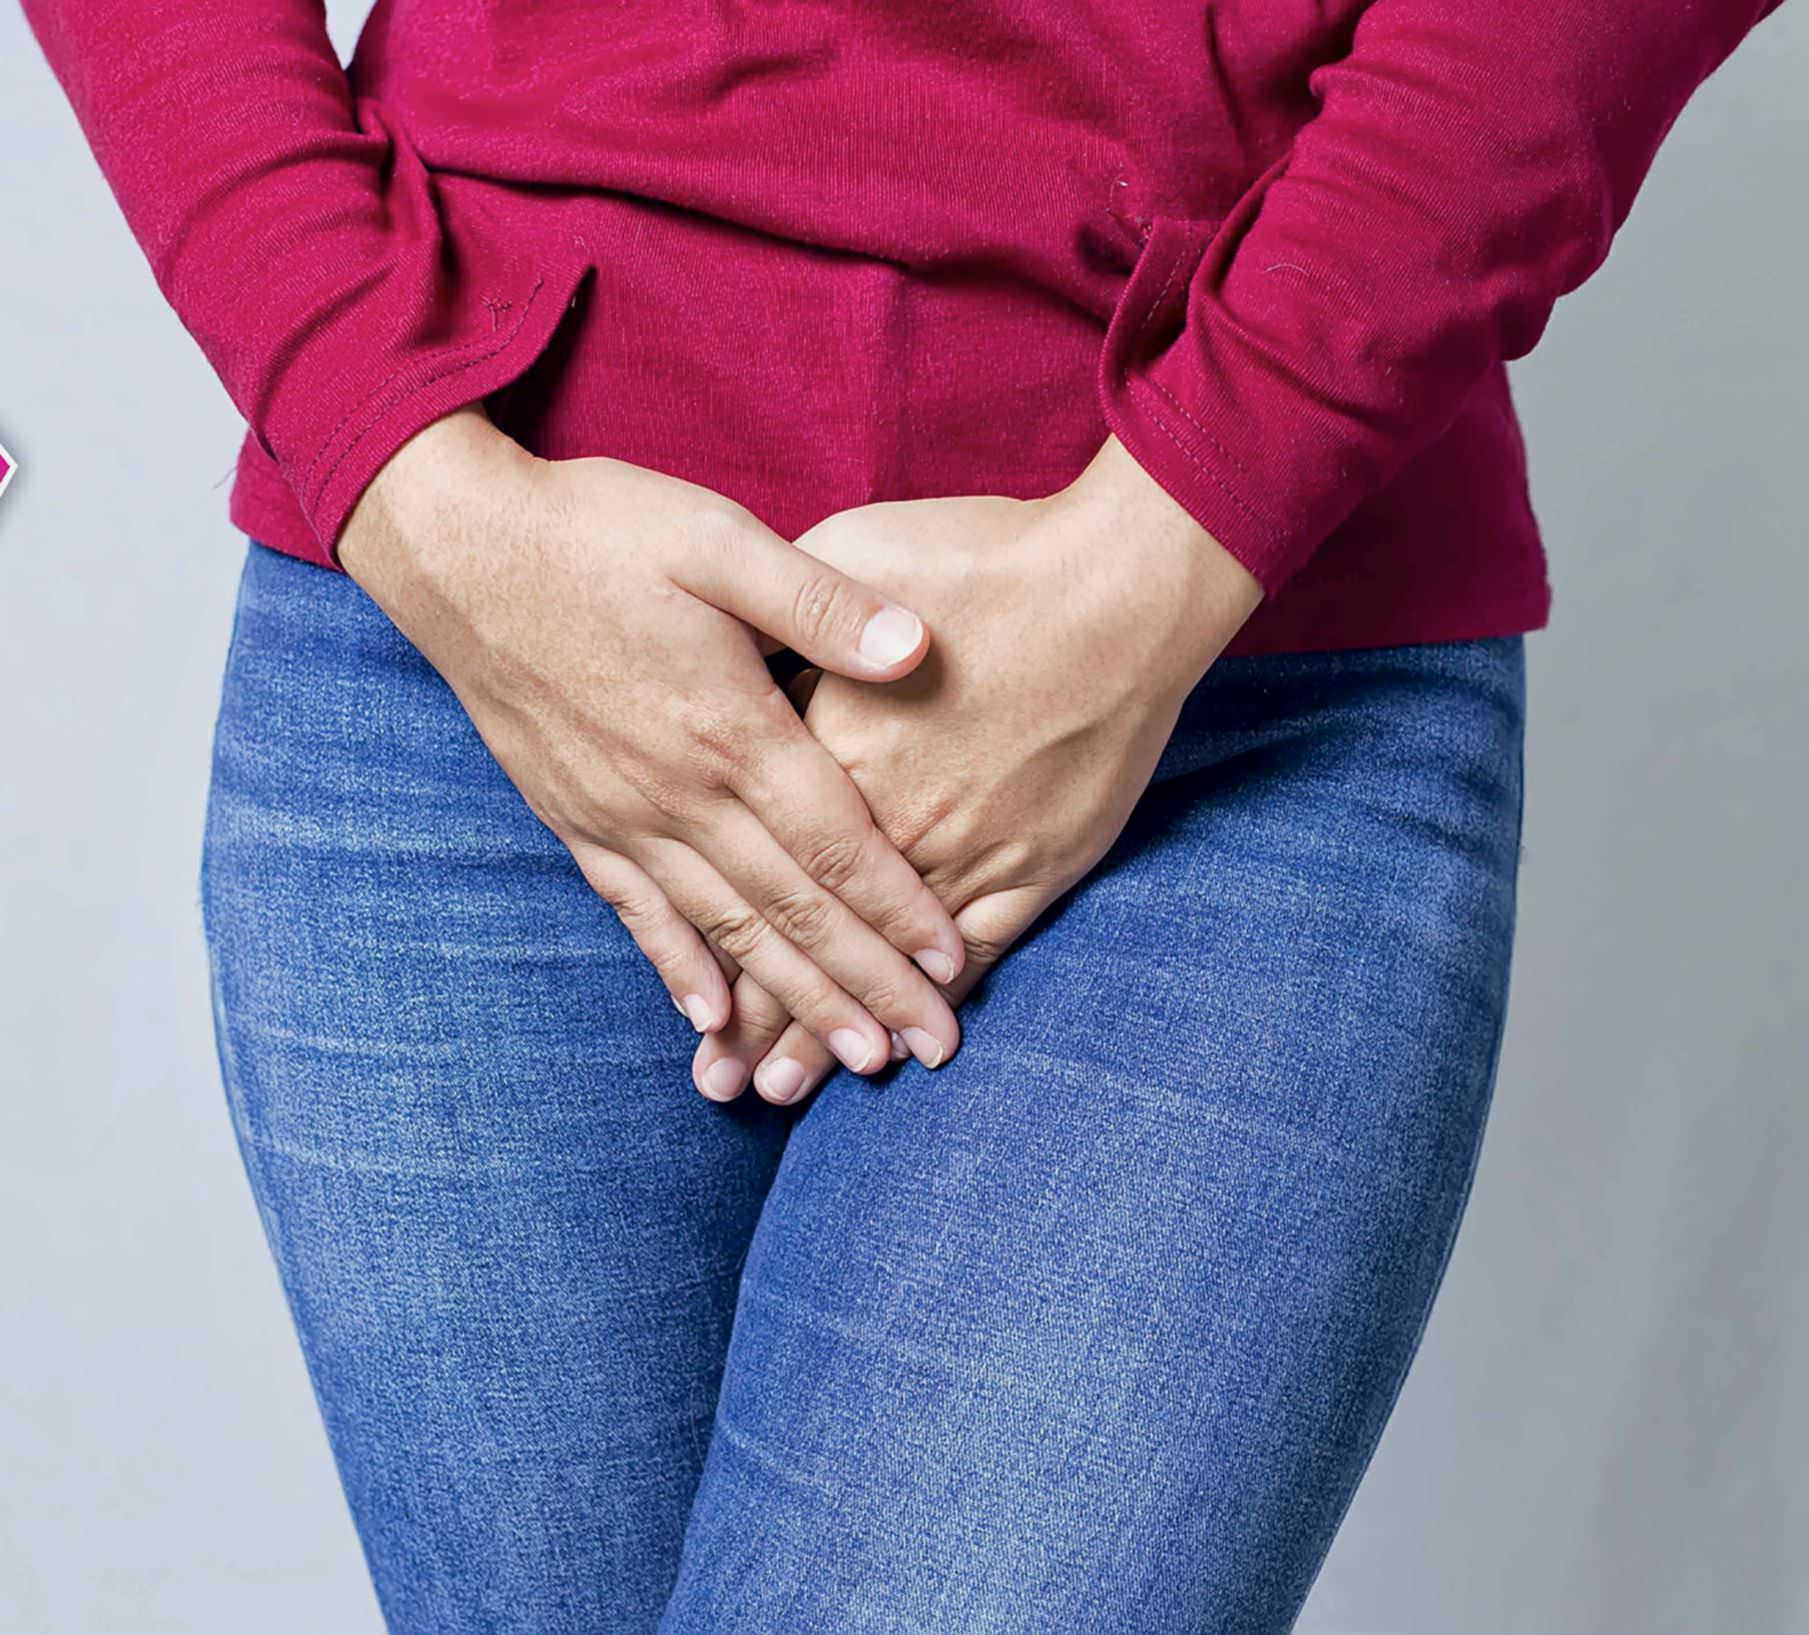 Can We Prevent Cervical Cancer?